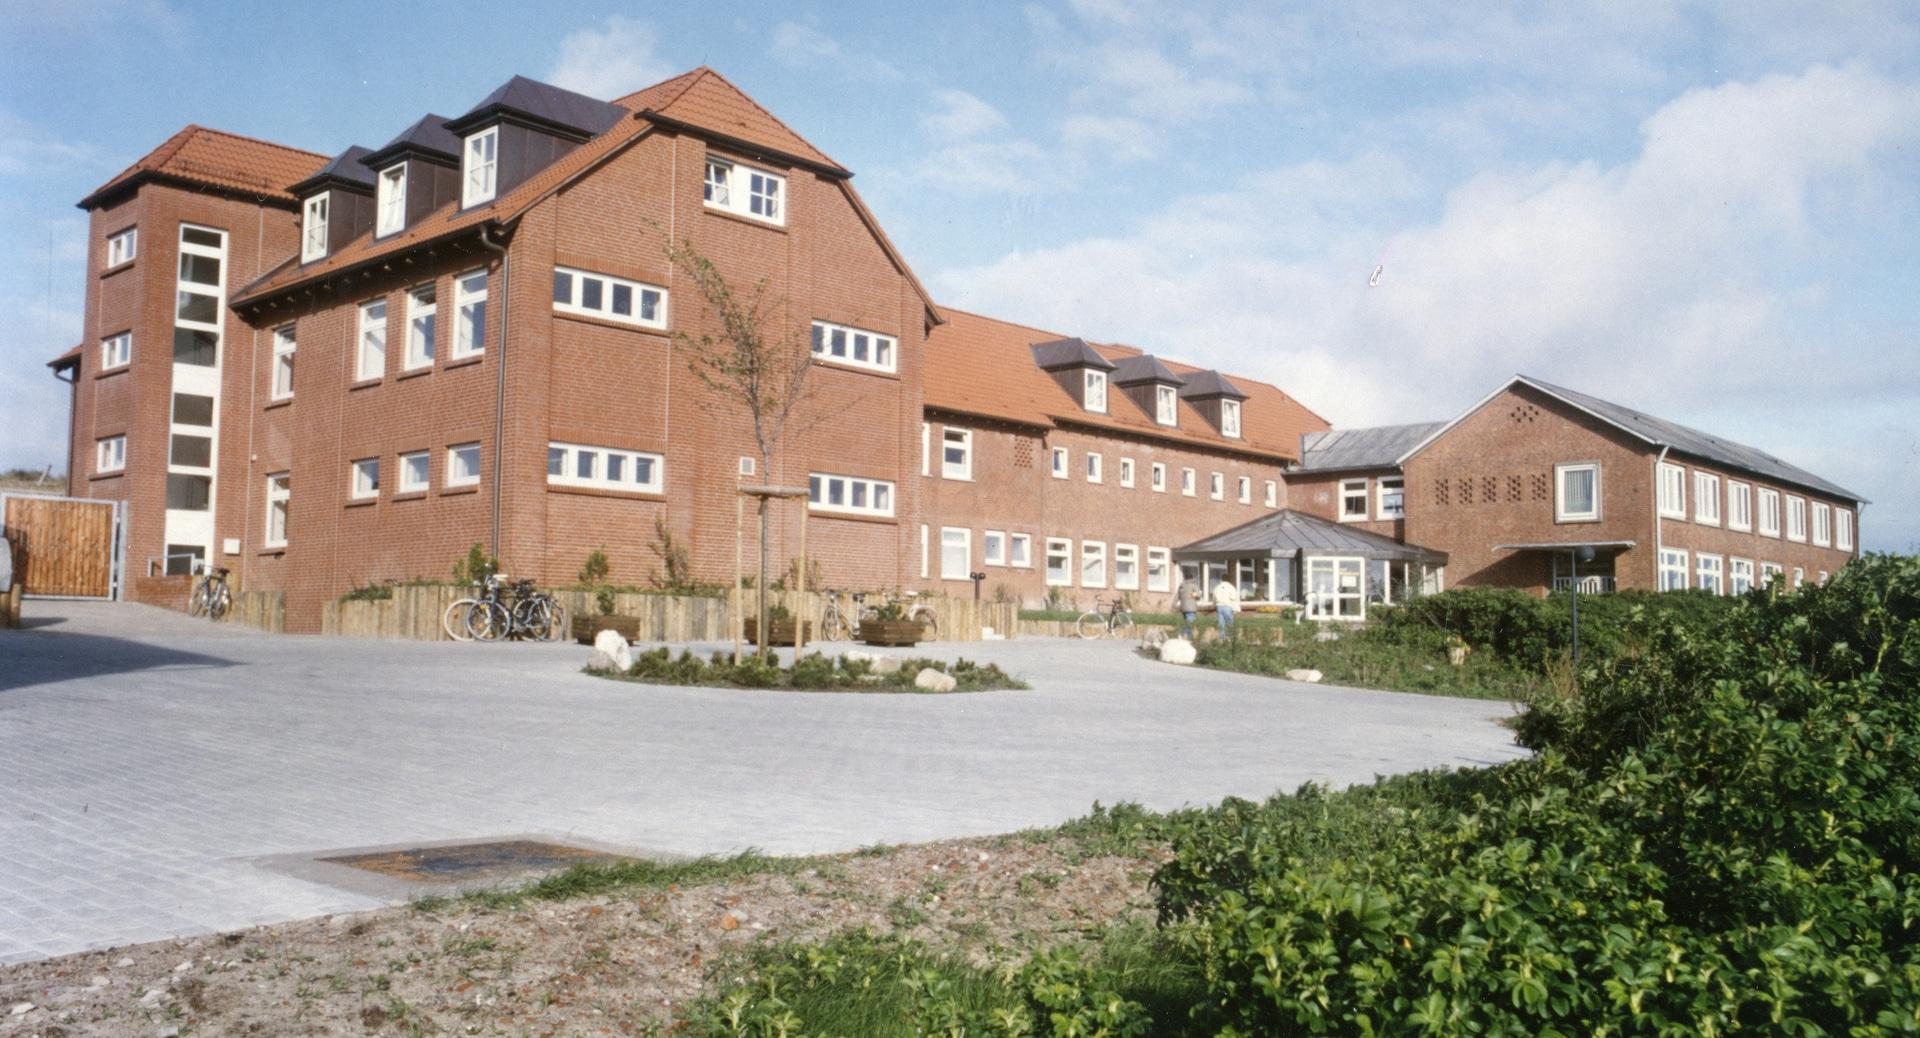 028  Kurmittelhaus  Foto Quedens.jpg